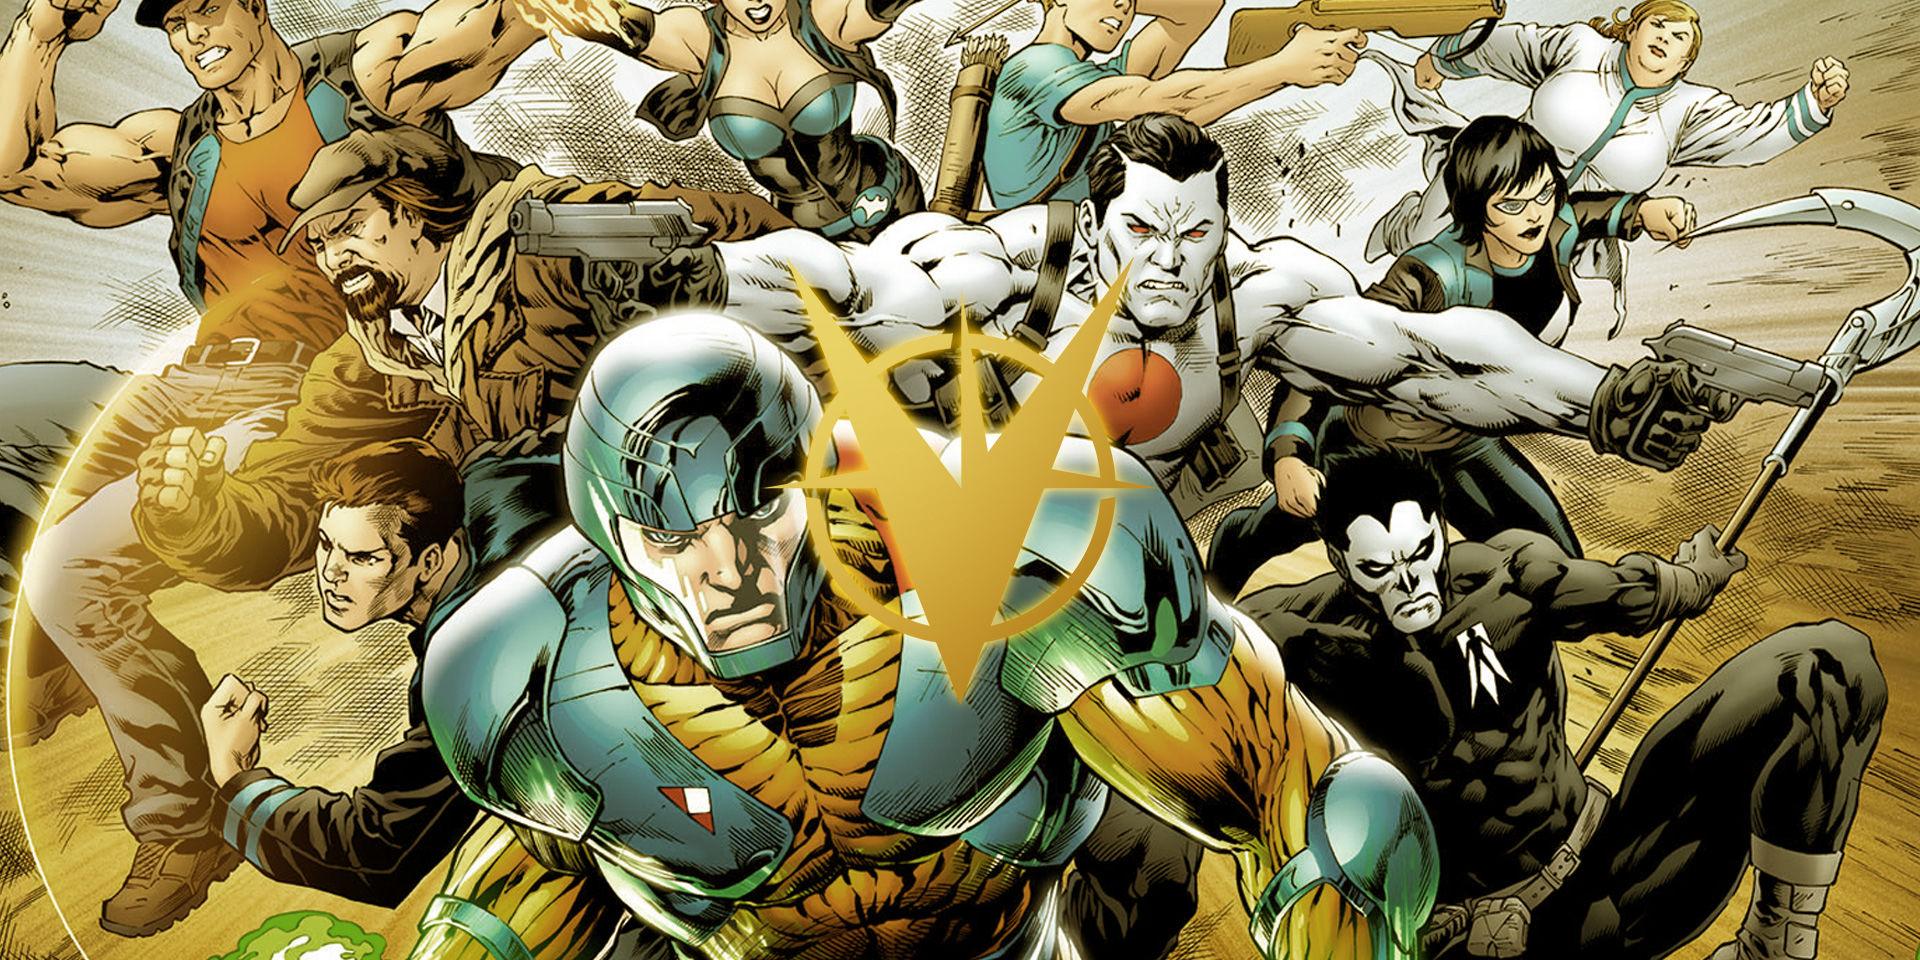 Resultado de imagem para valiant comics